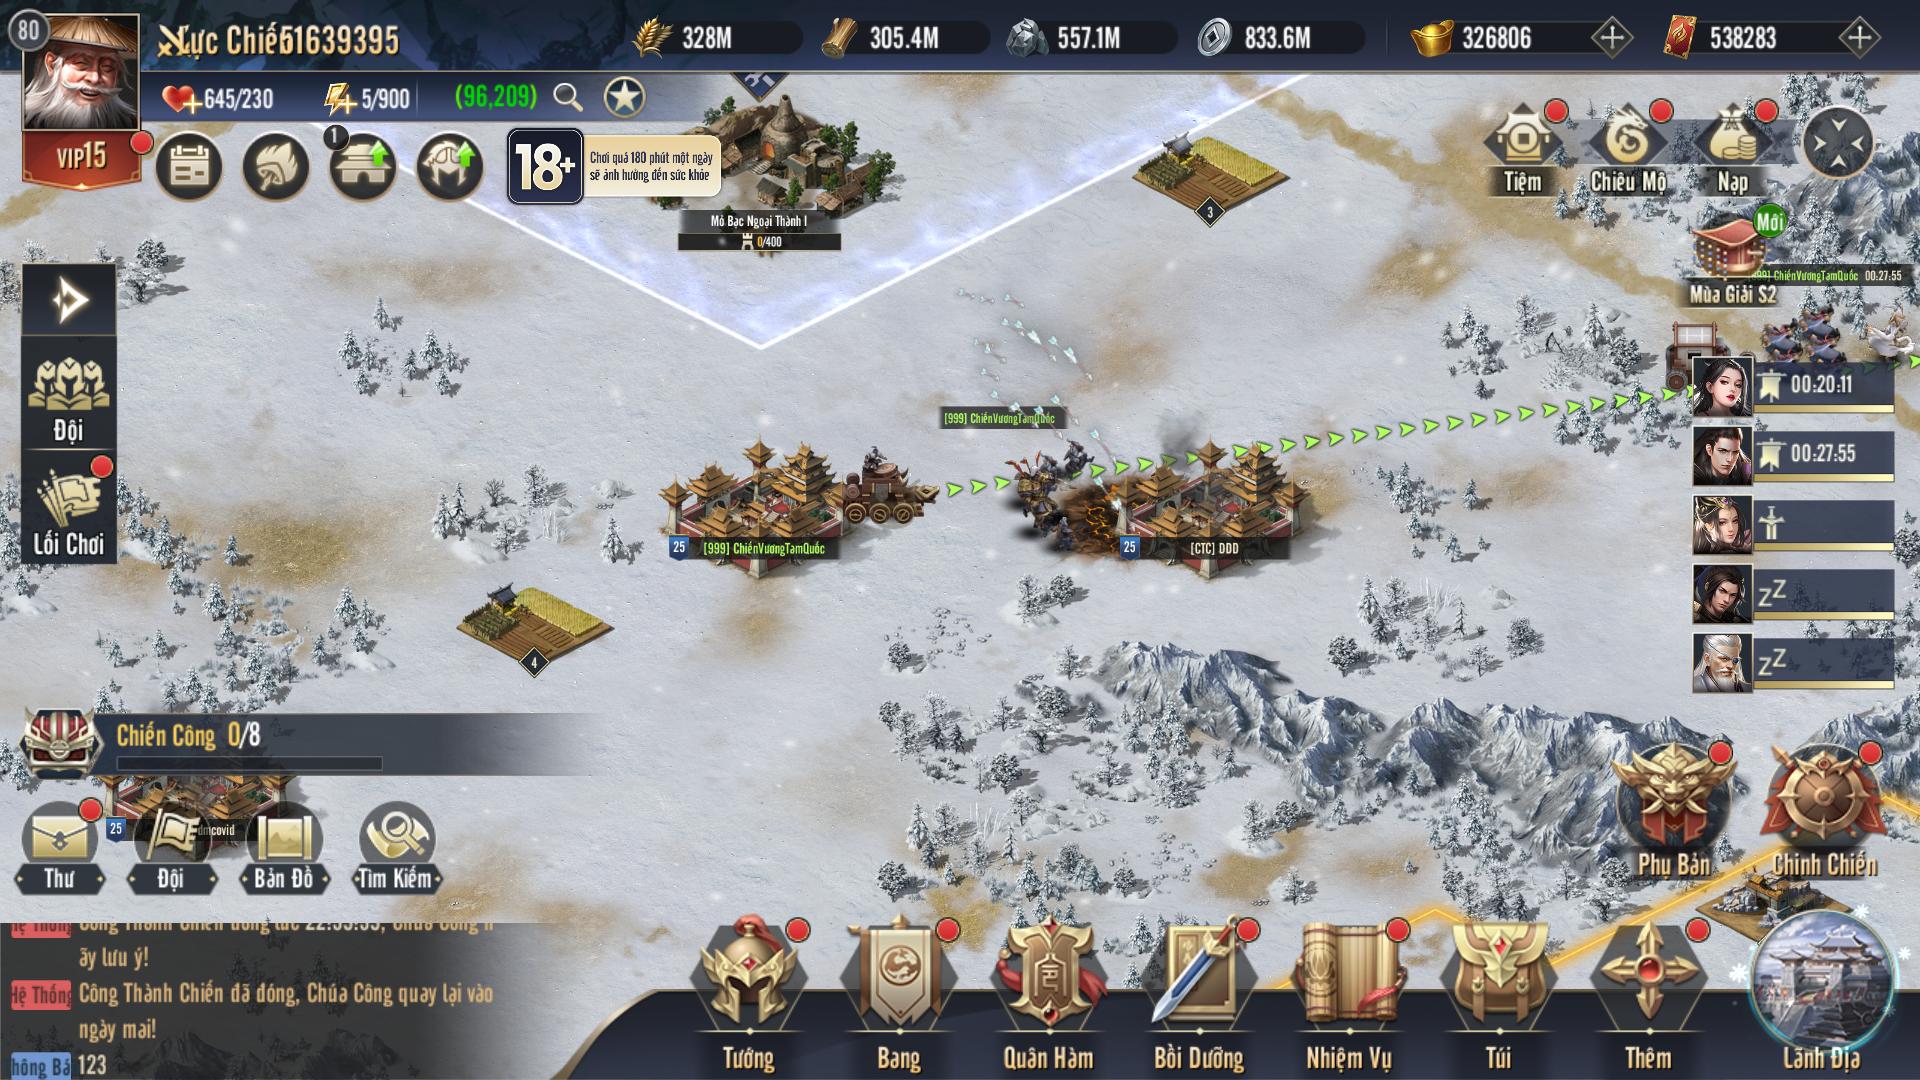 Chiến vương tam quốc - Một ngày đánh trận cả đời làm vua 3